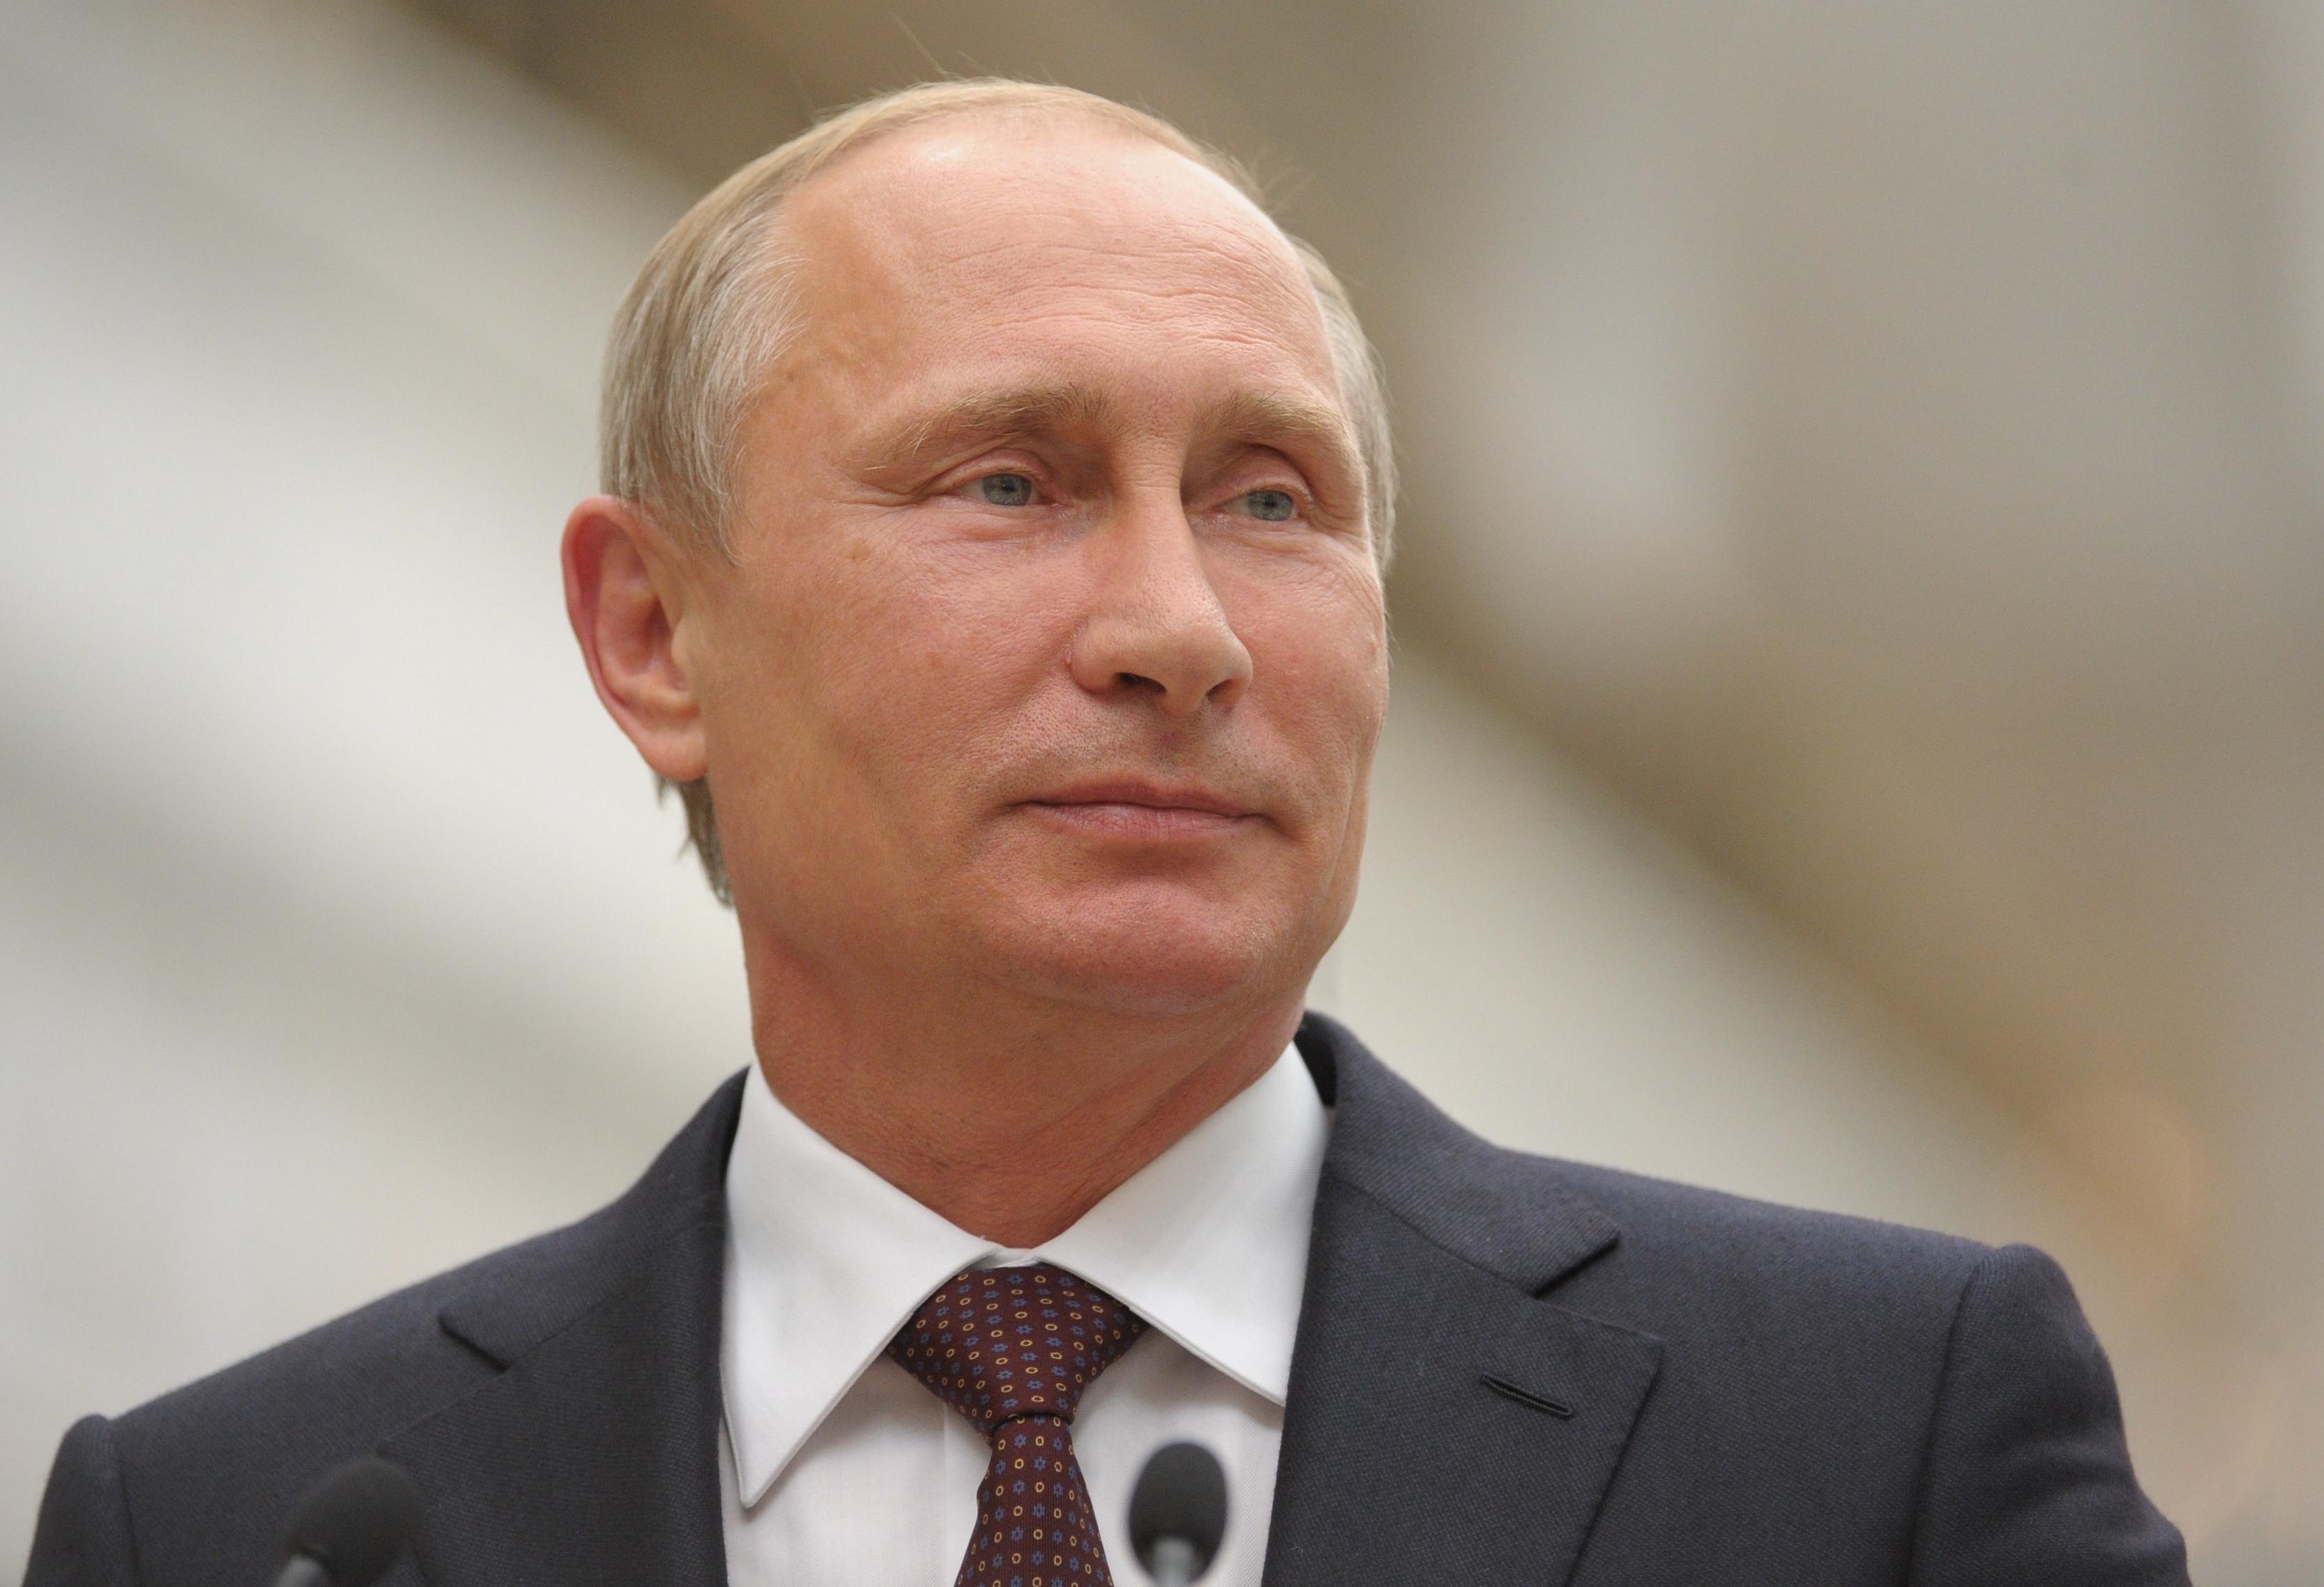 Владимир Путин: «Россия настроена на реализацию многосторонних проектов со странами АТР»